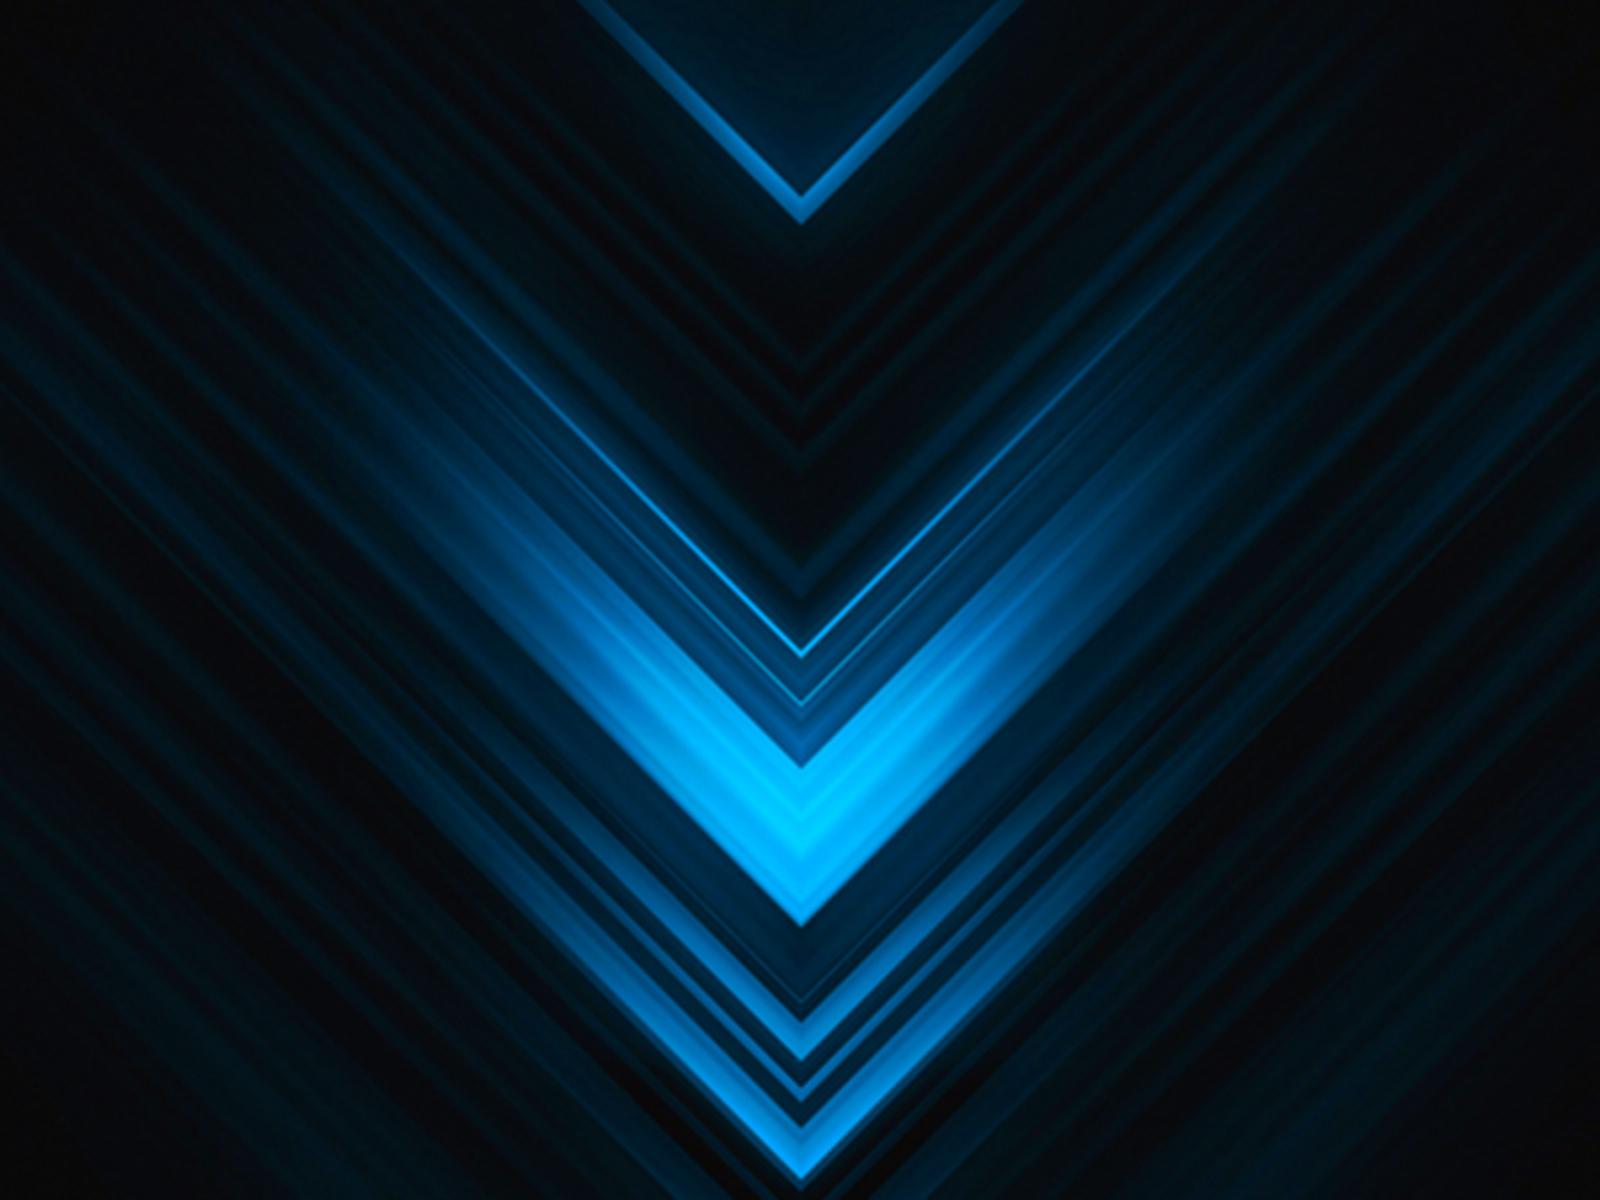 abstract-digital-artwork-l4.jpg